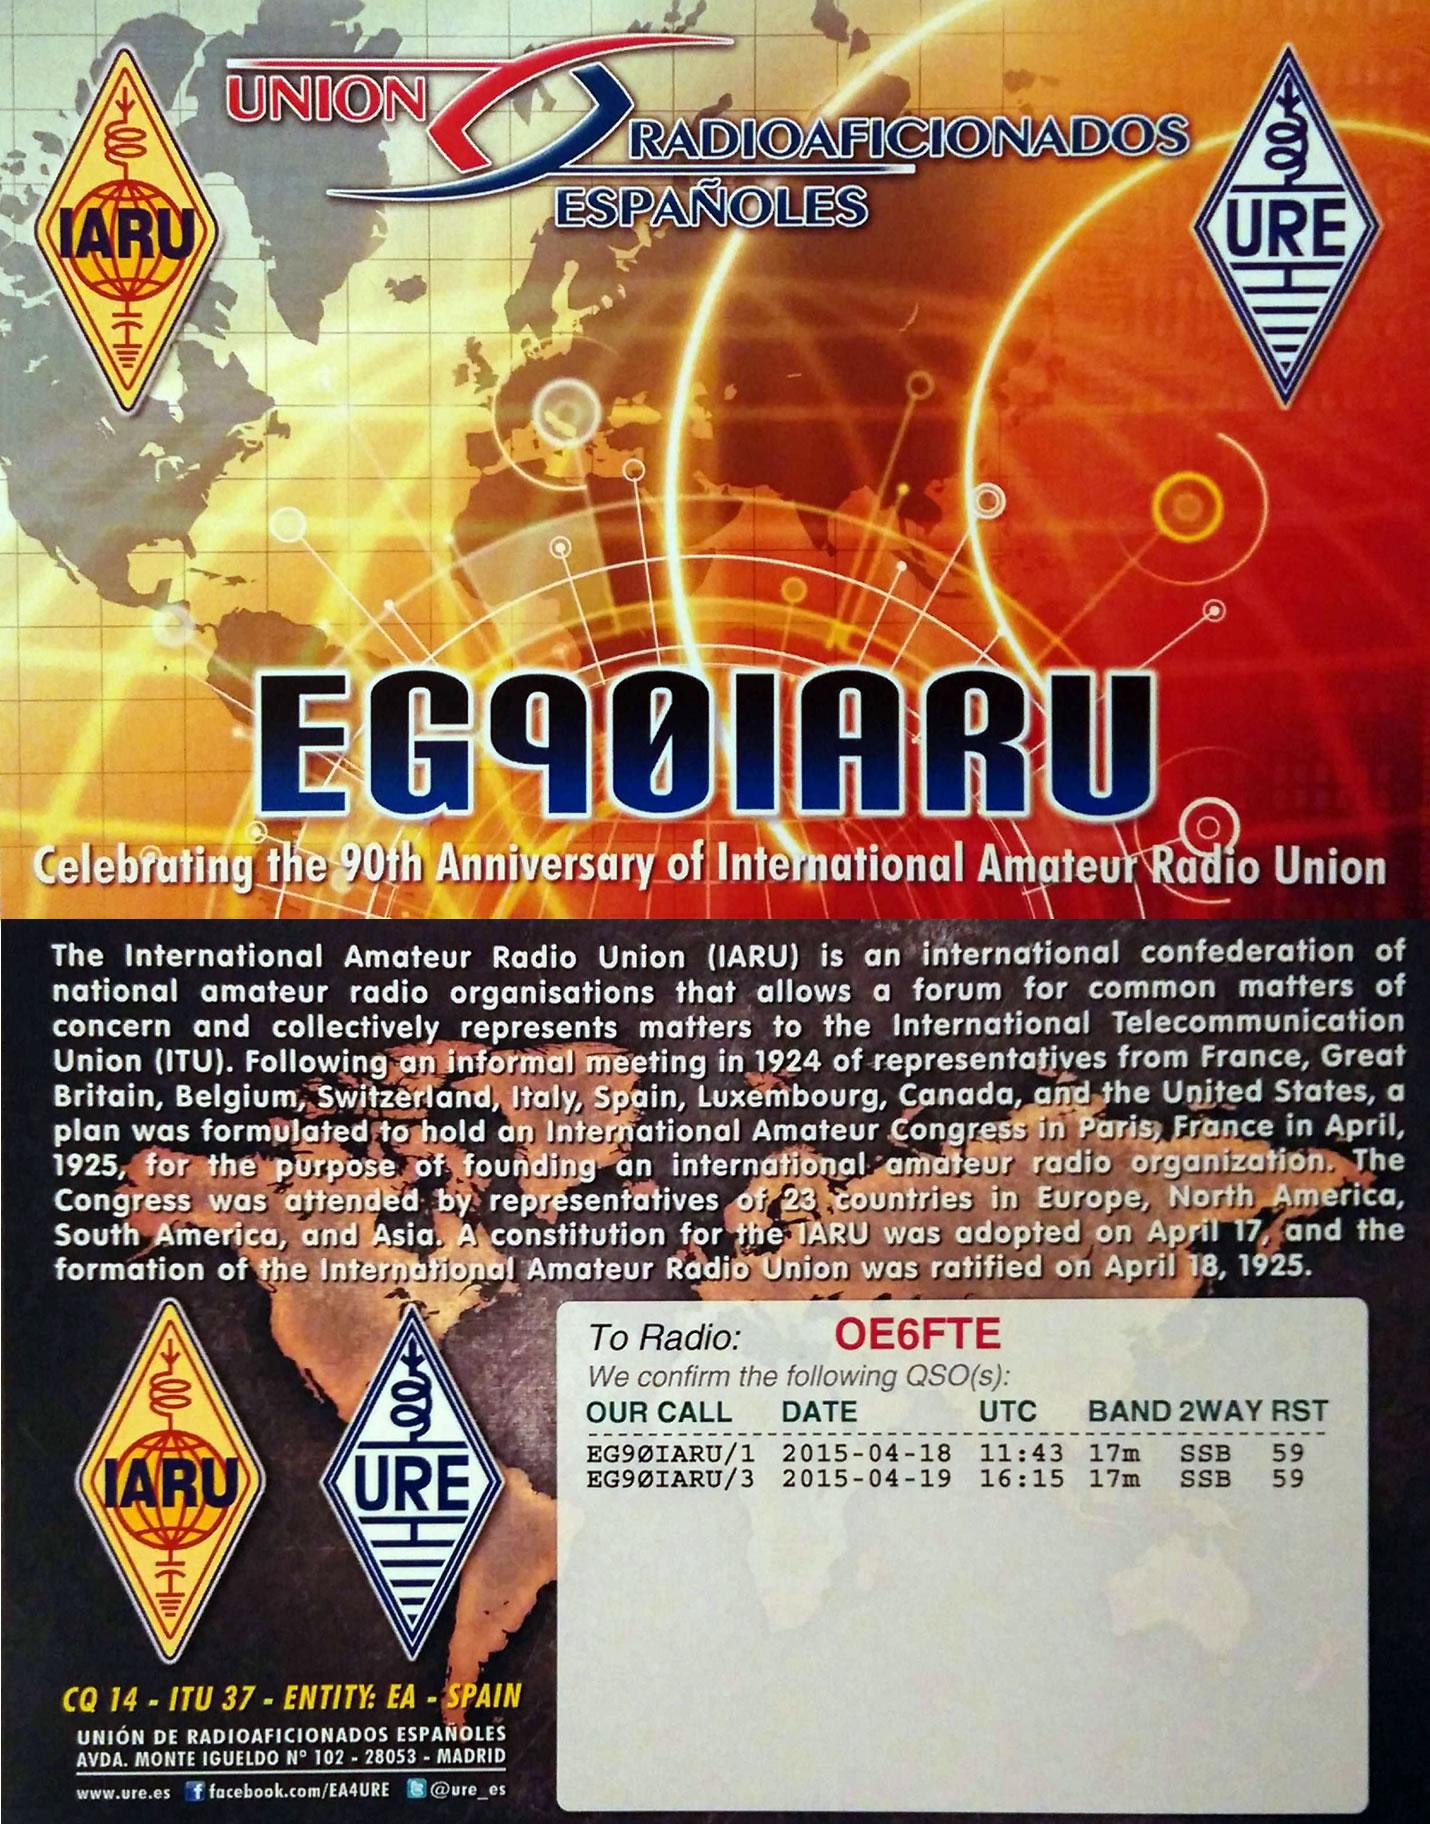 EG90IARU